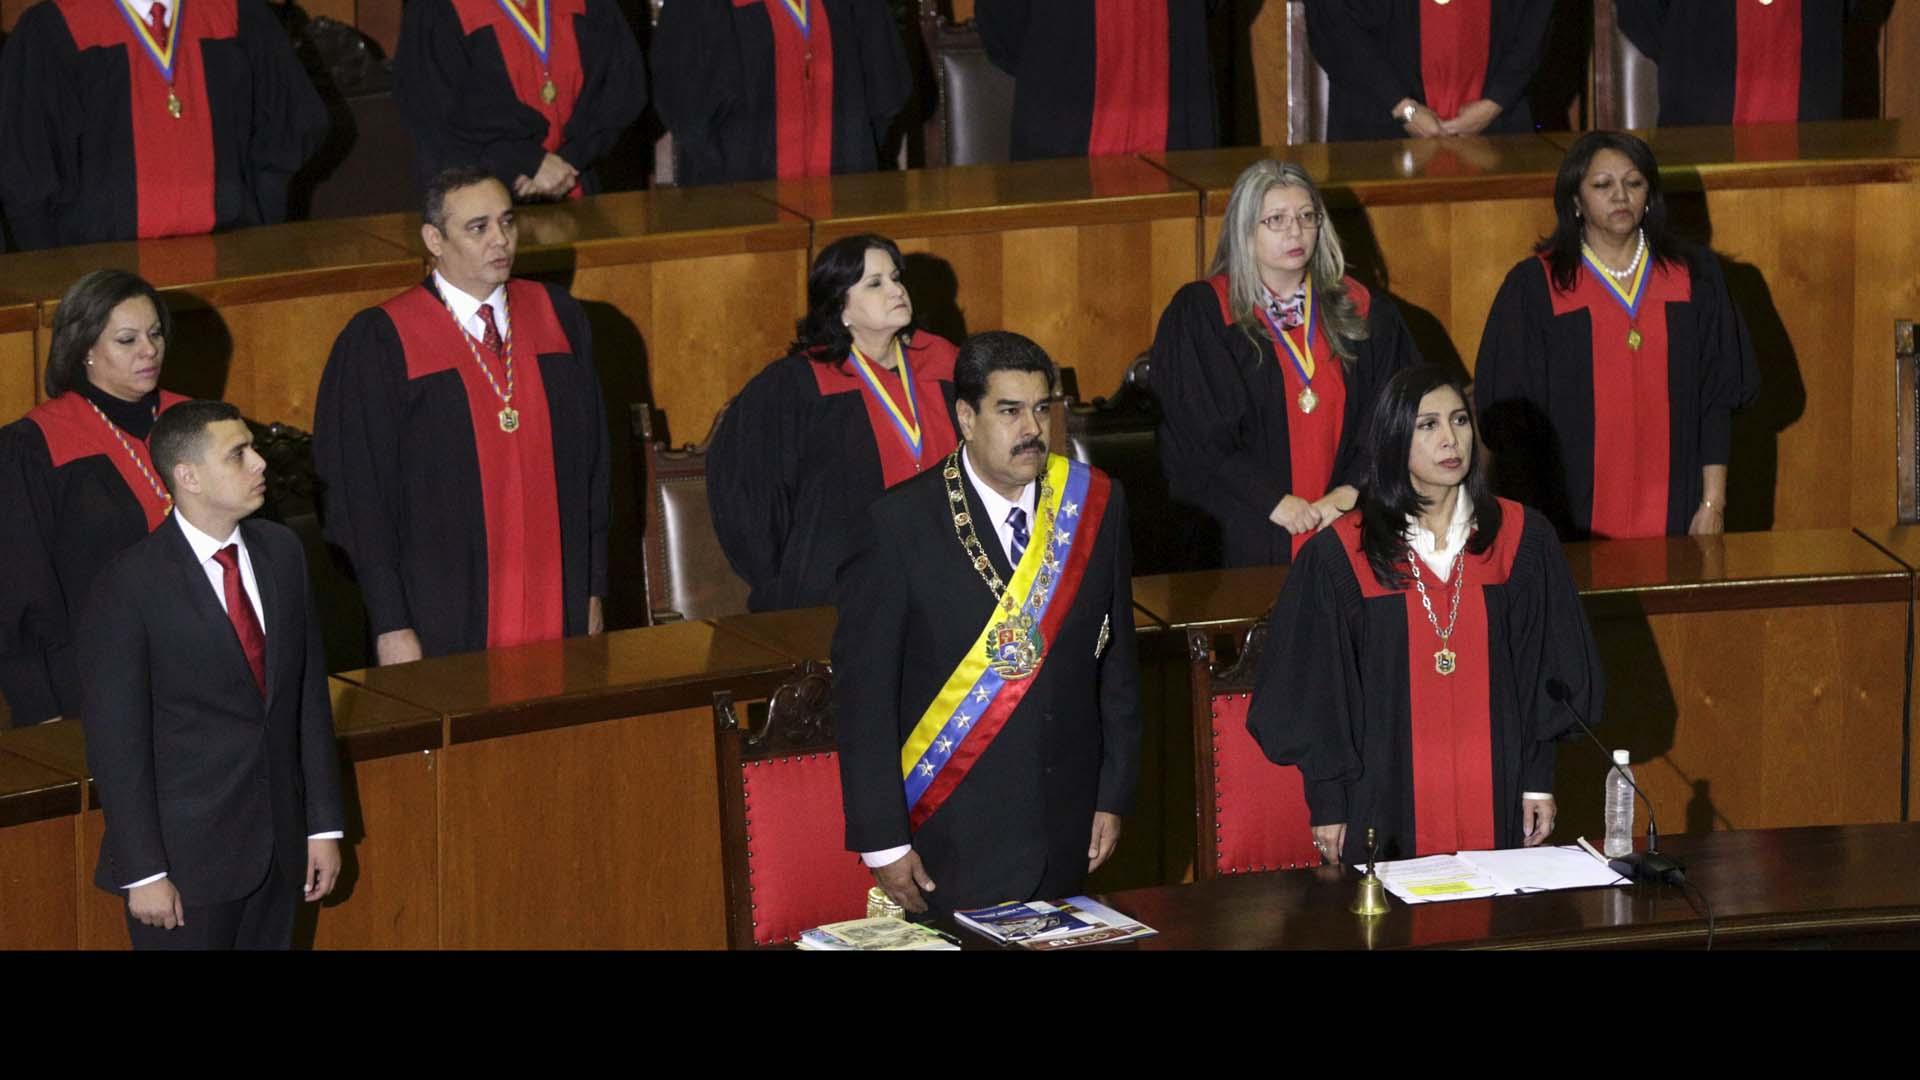 Presidenta del órgano reporta que el tribunal dictó más de 21 mil sentencias en 2015